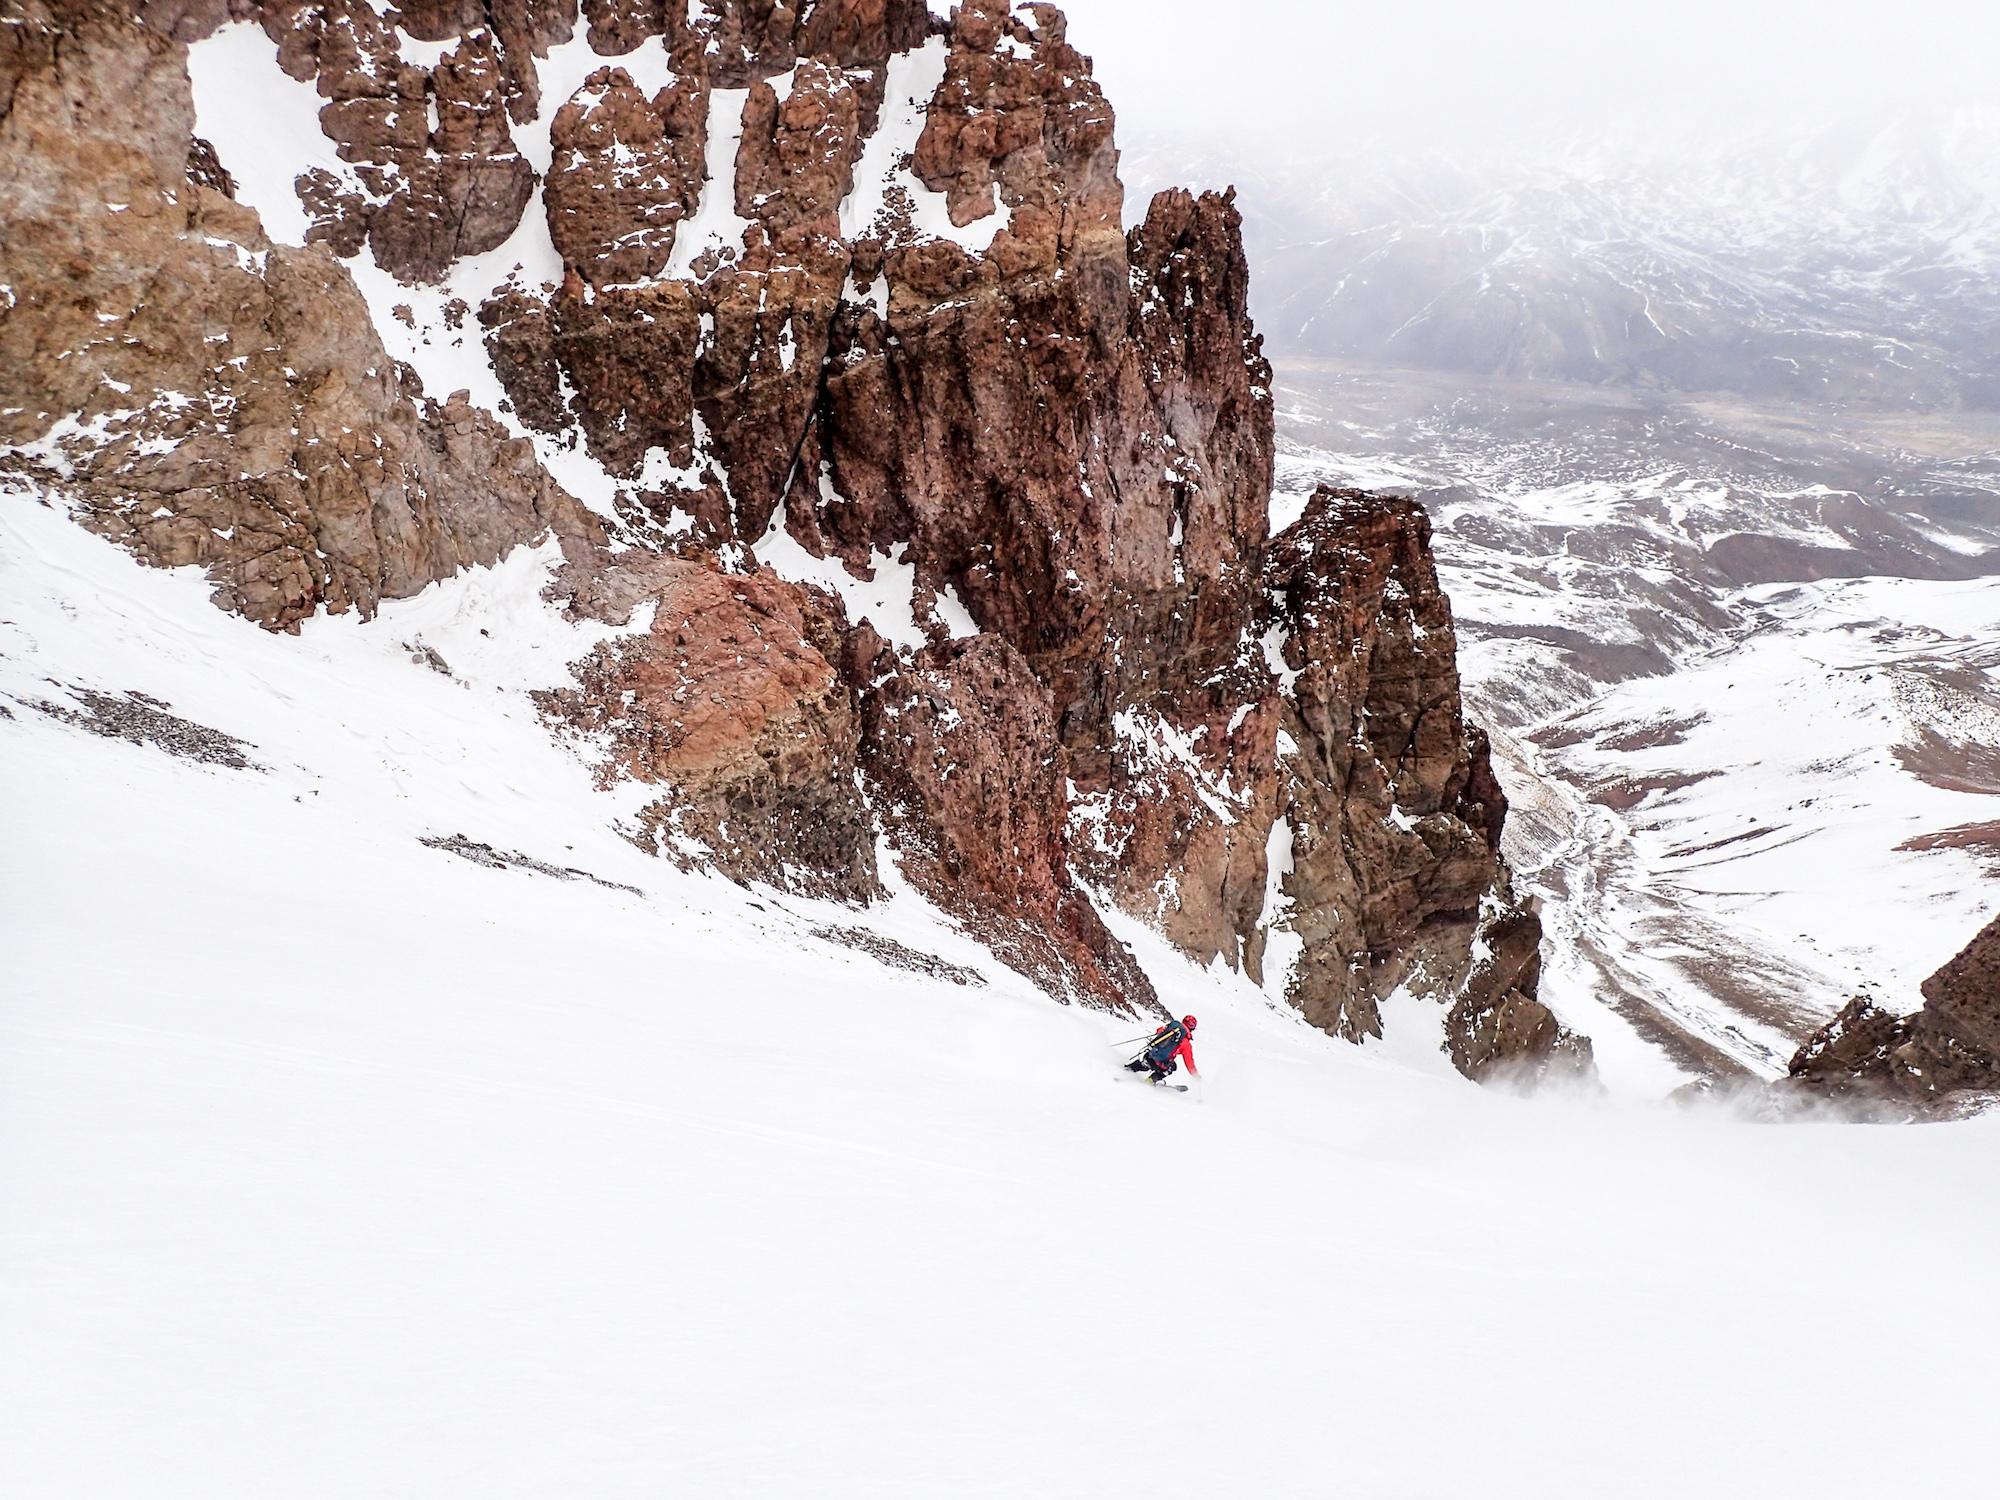 Skier dans ses lignes majestueuses